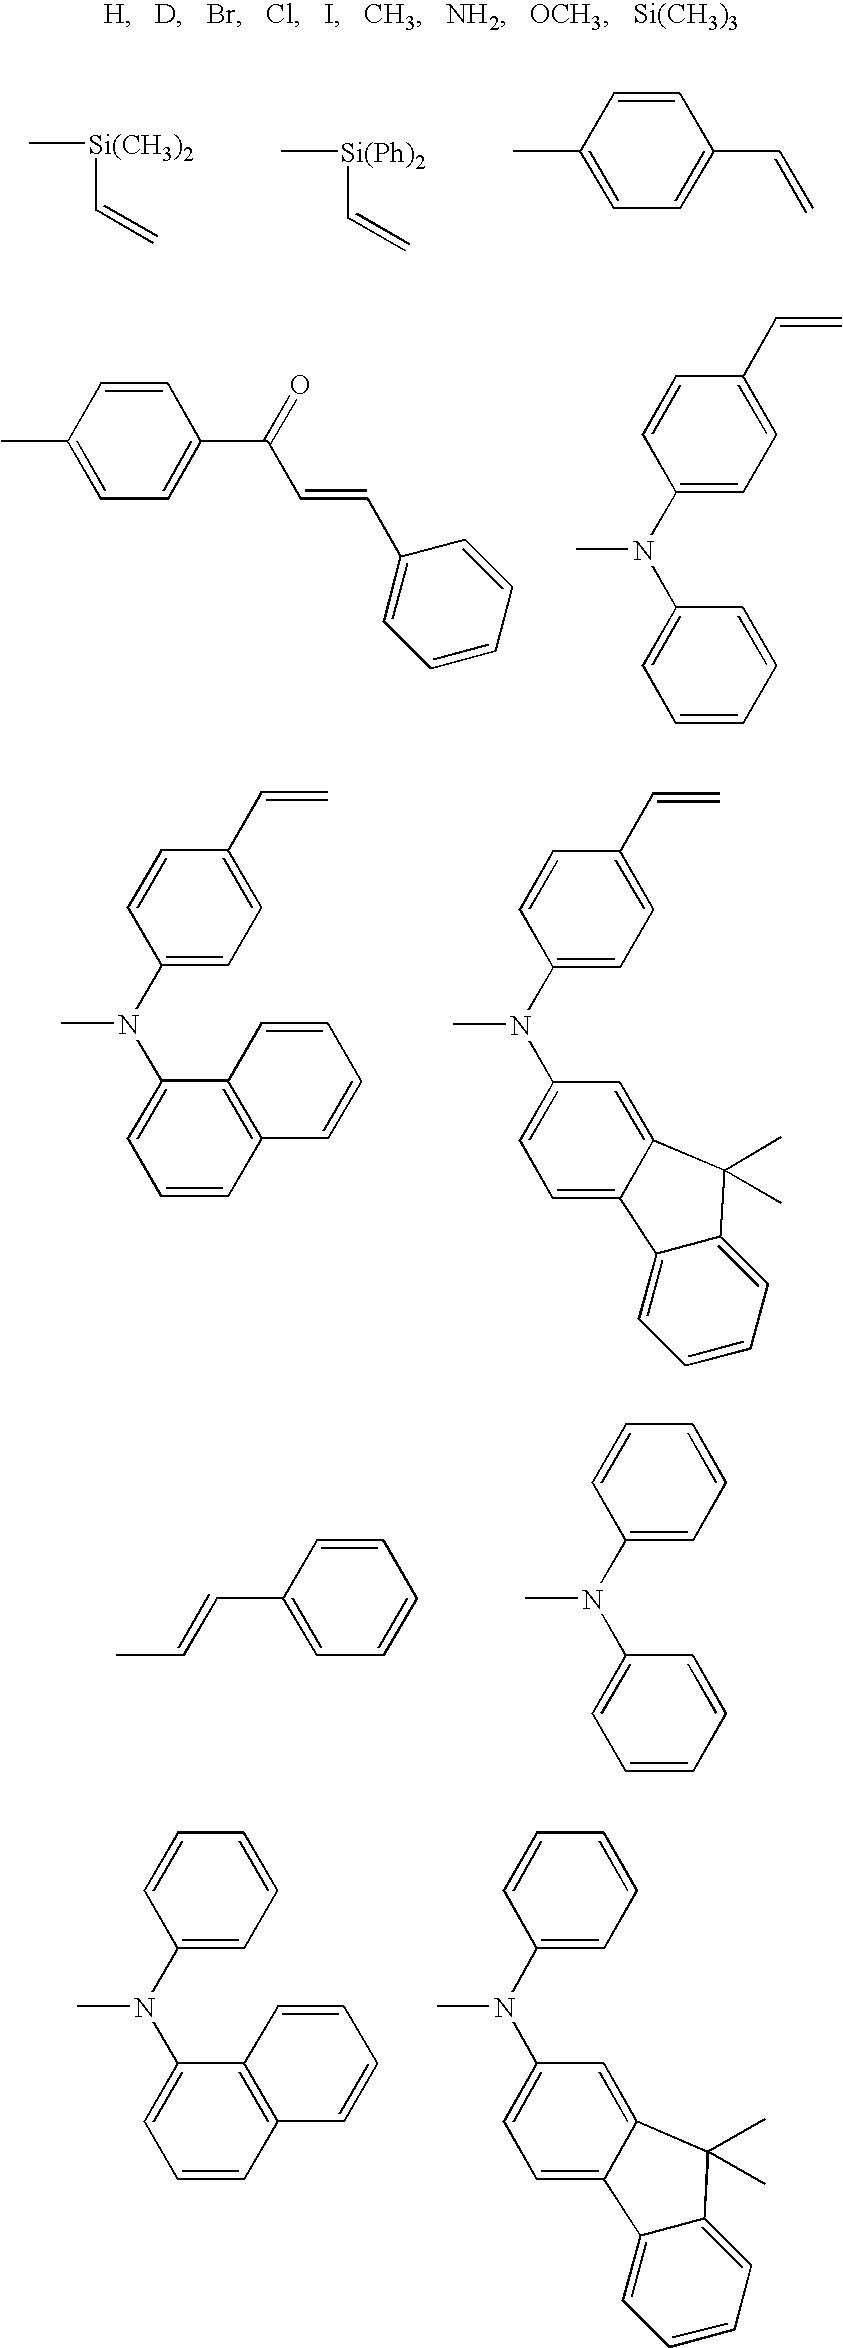 Figure US20040106004A1-20040603-C00013